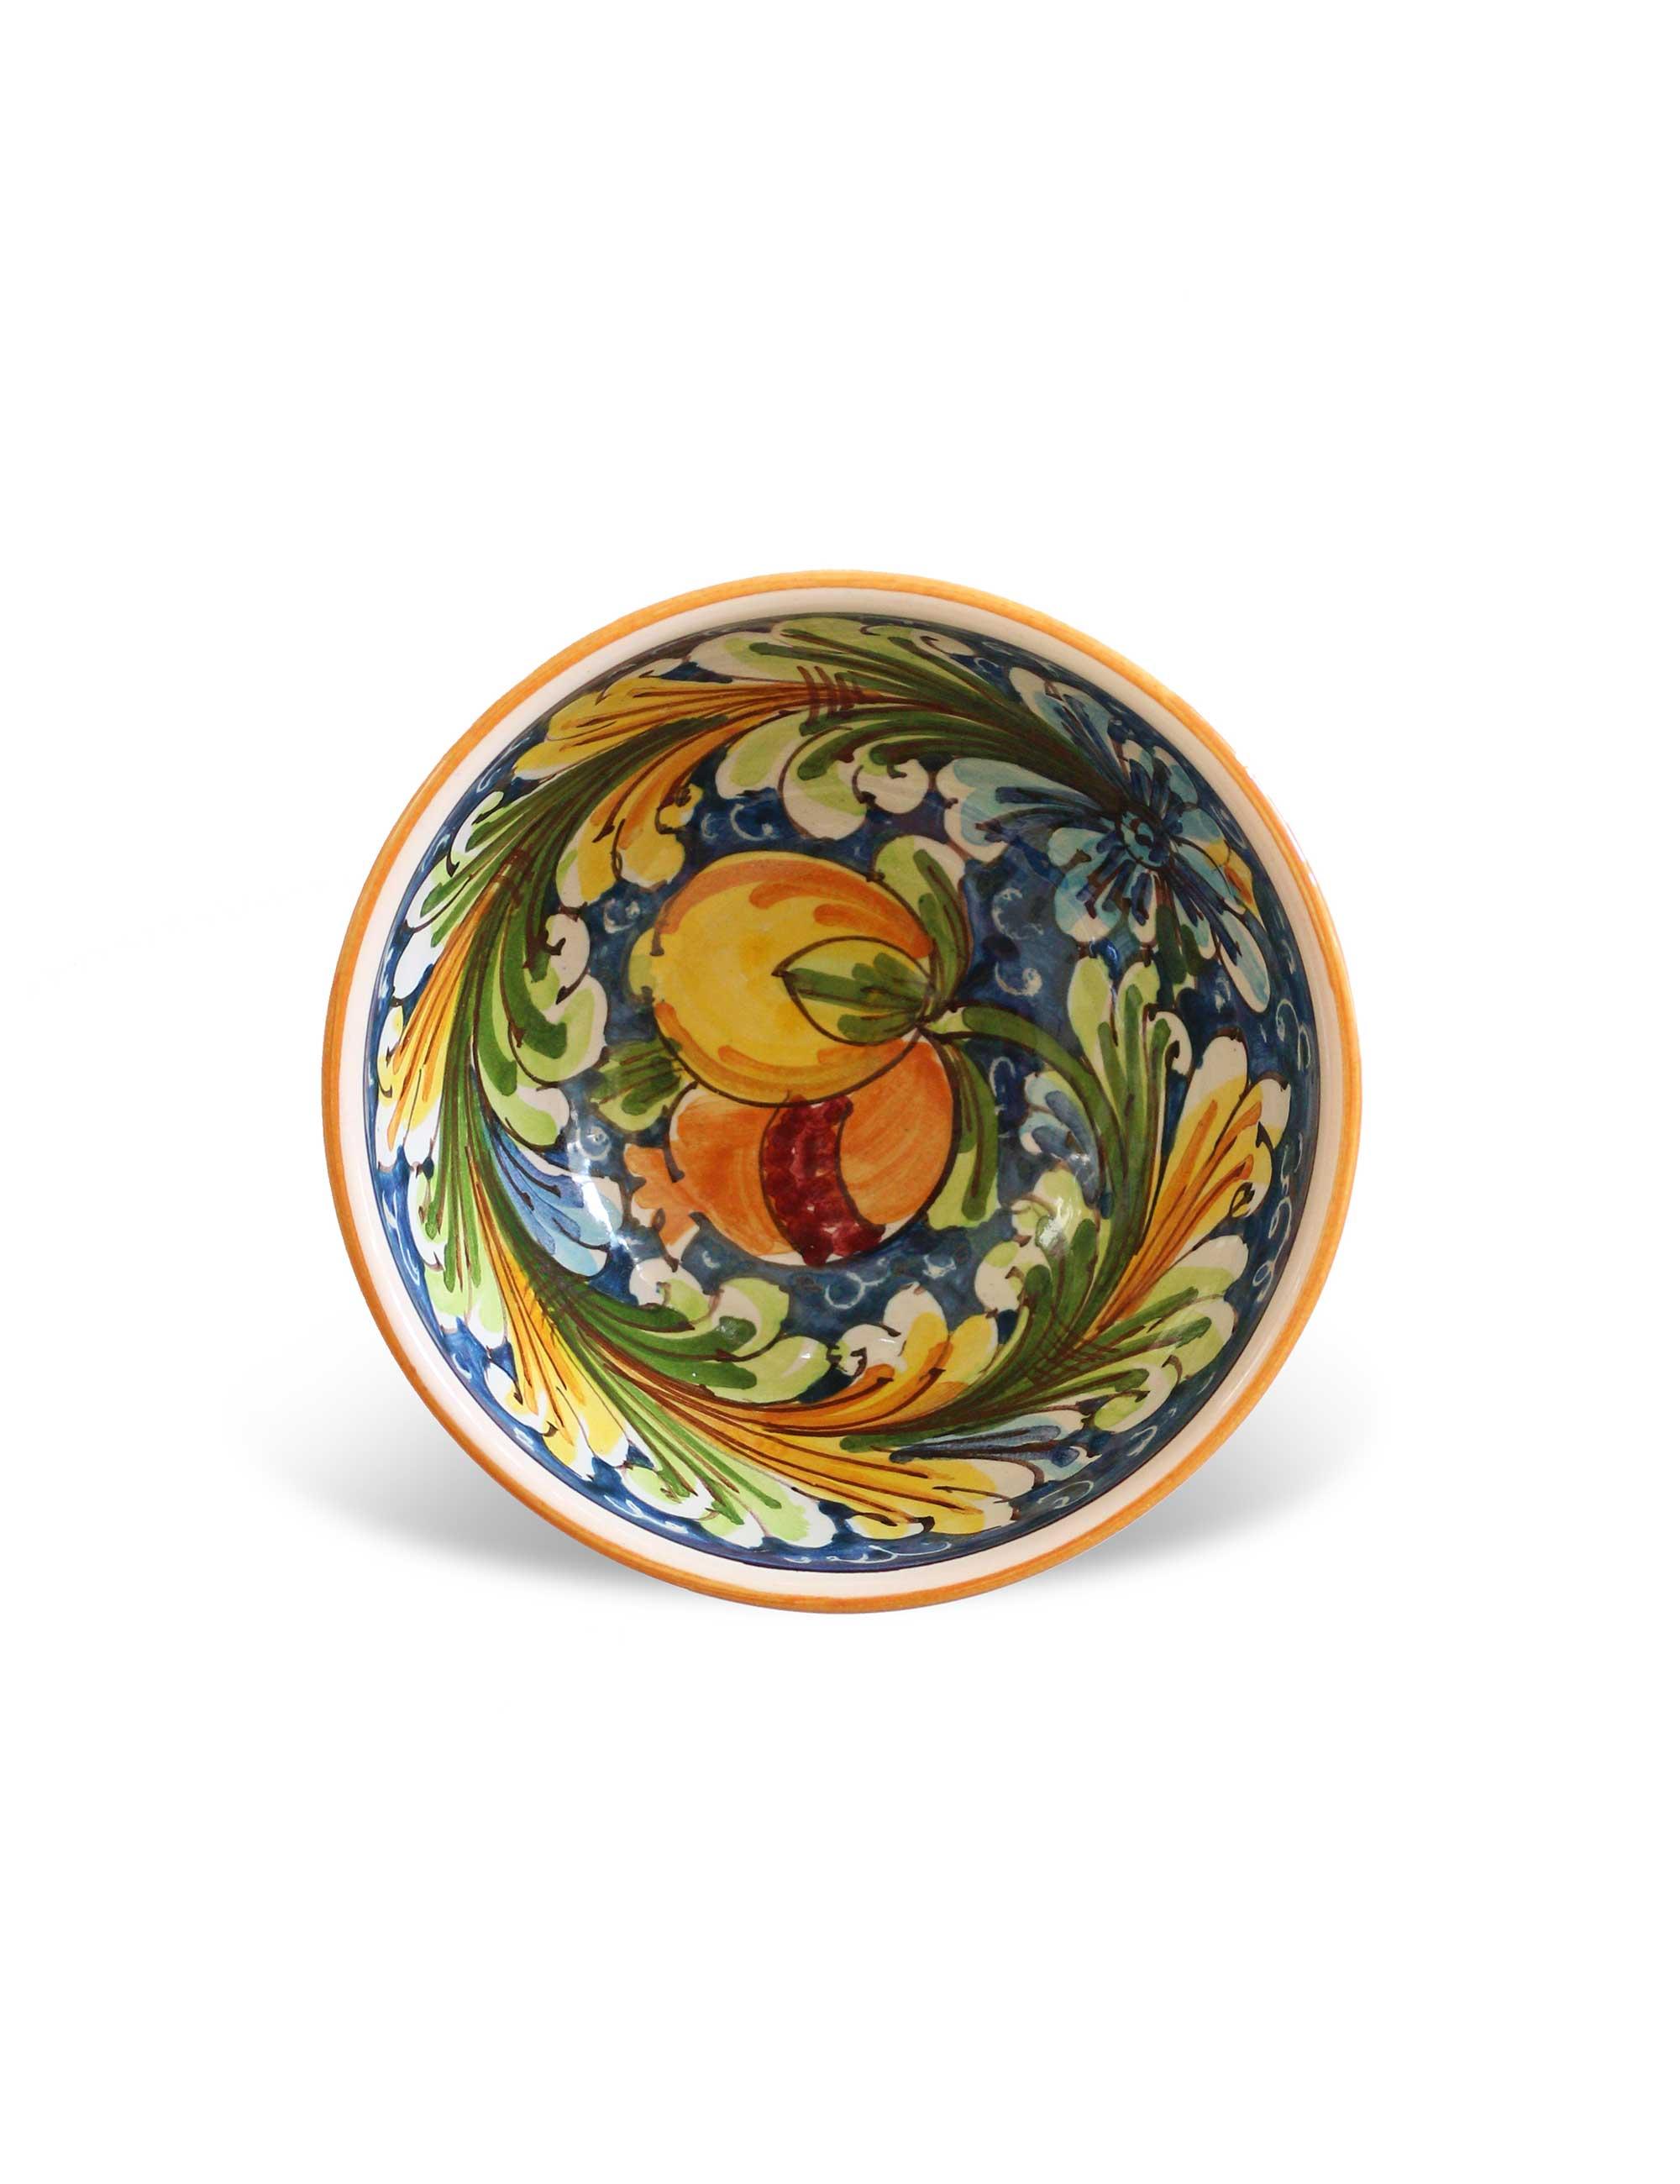 Coppa ceramica siciliana Castronovo